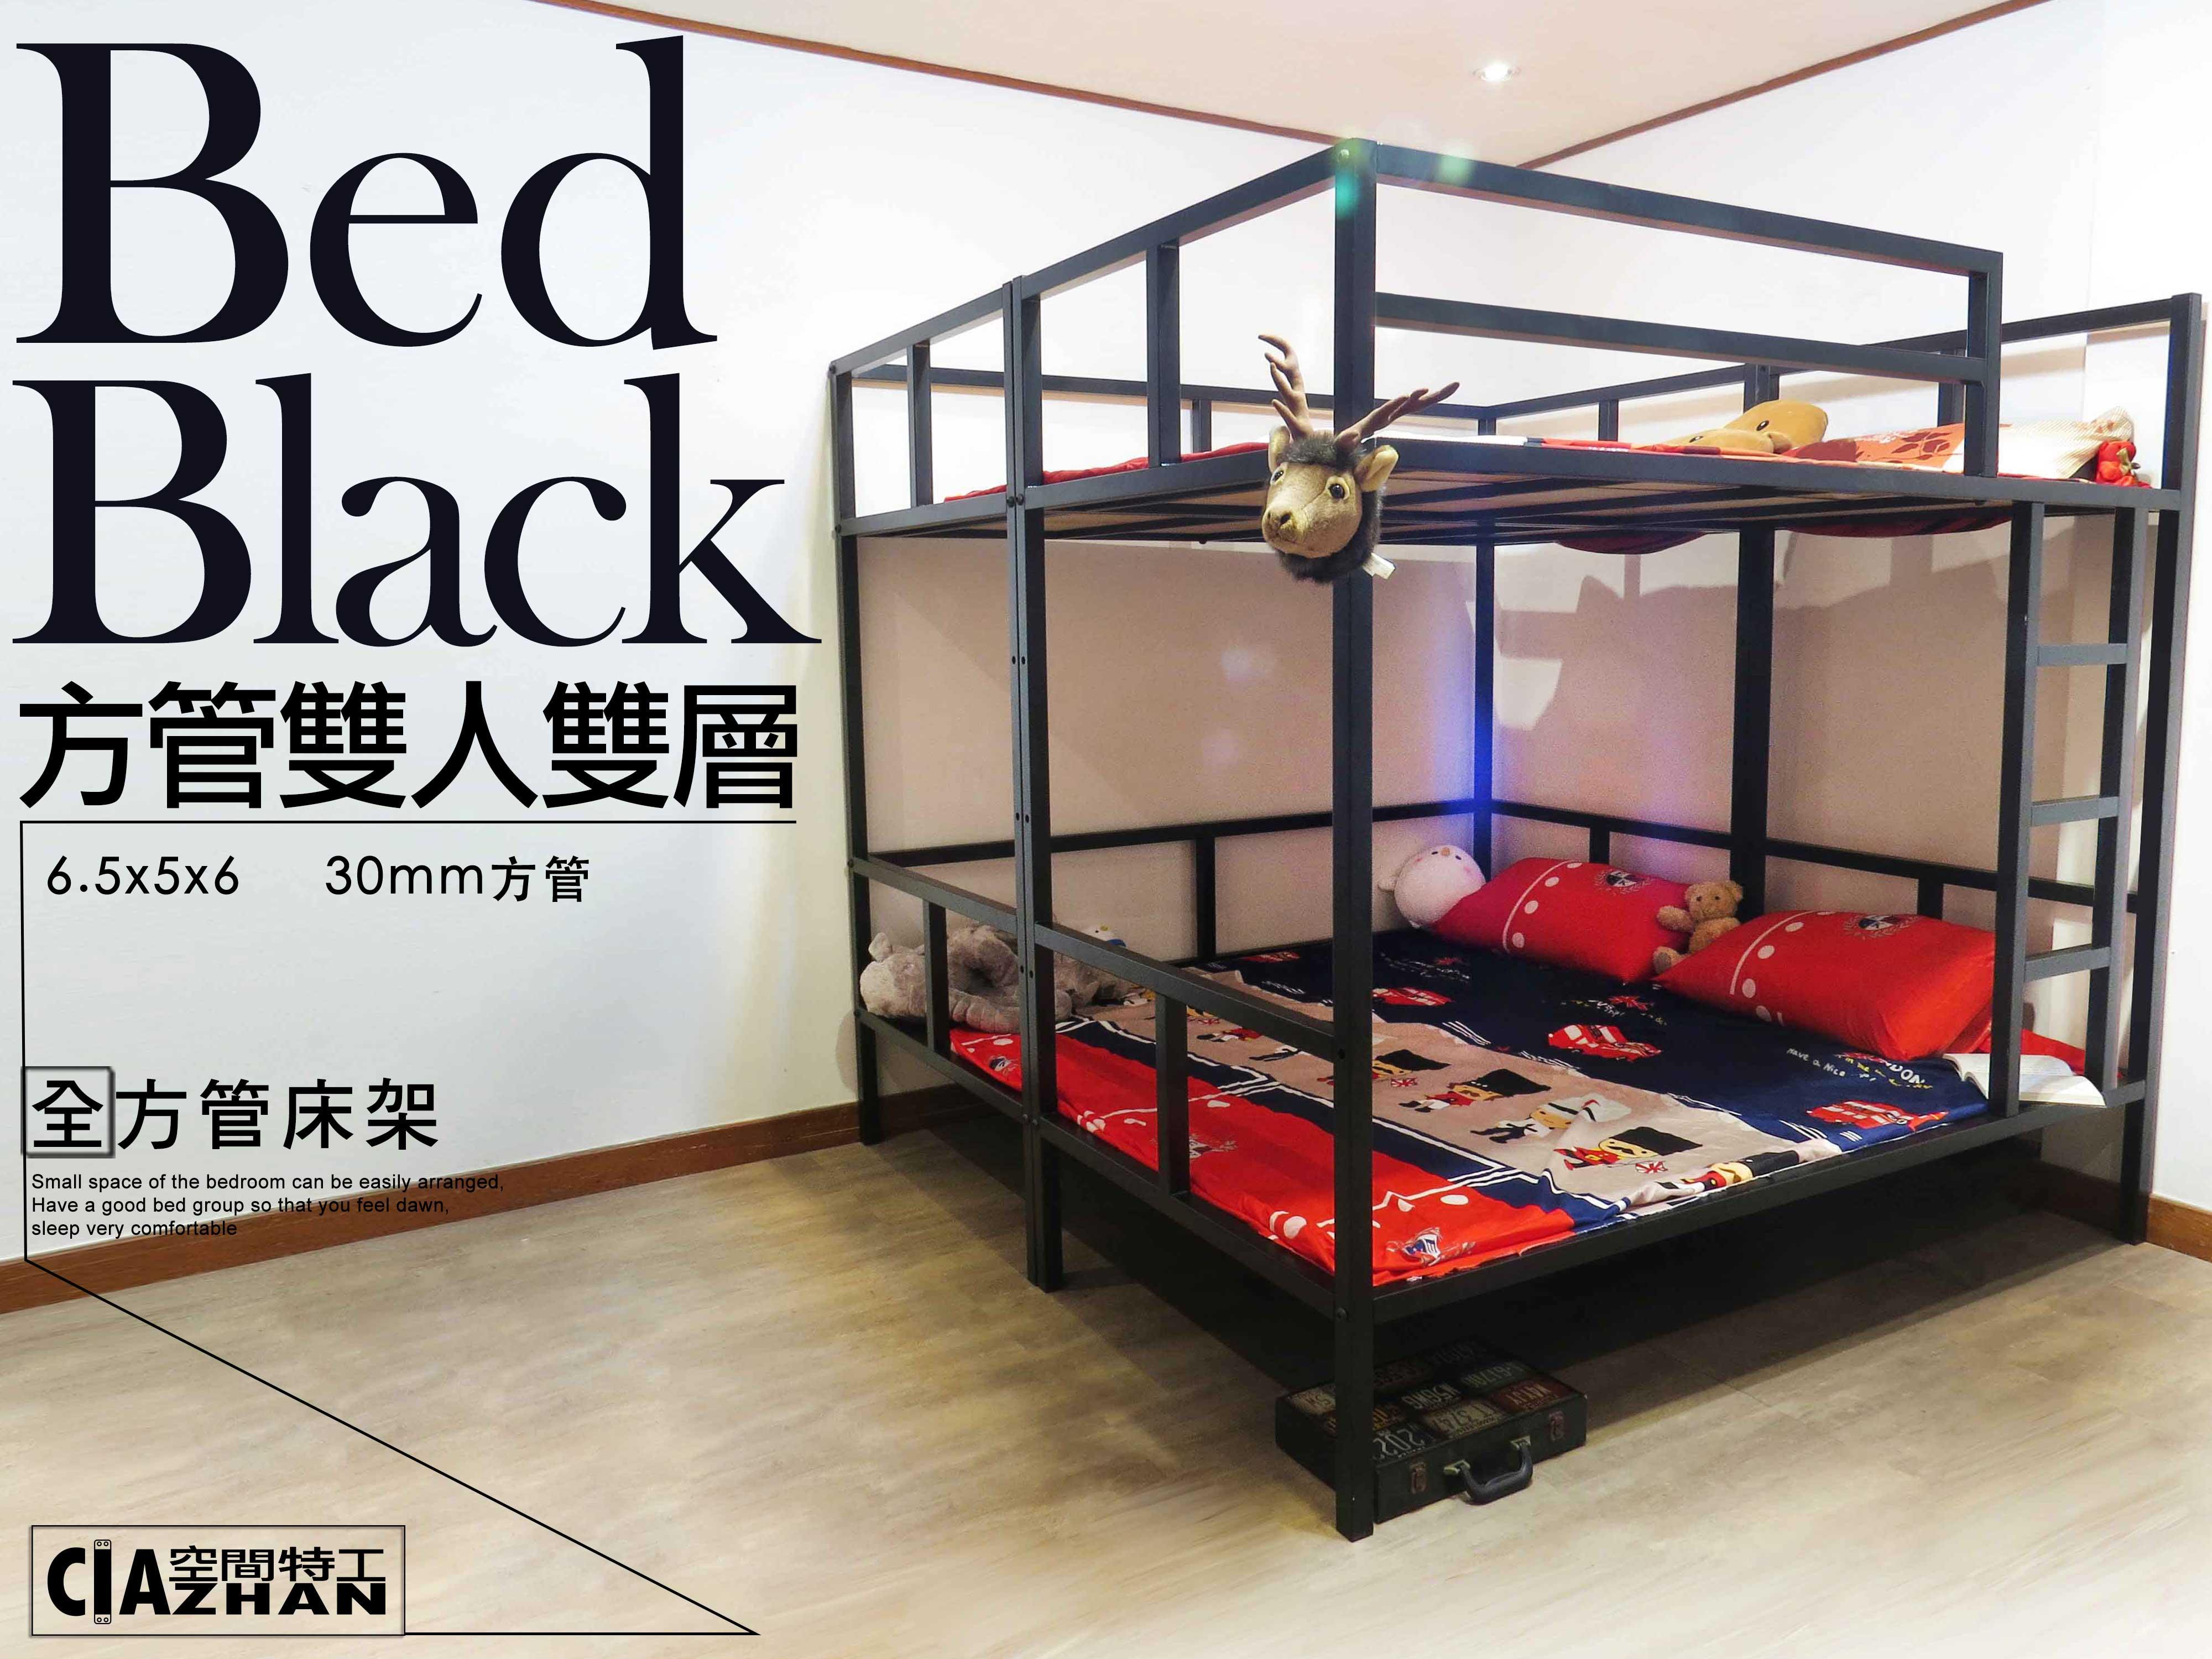 『全新免運』設計款床架 輕量化骨架/上下舖/床組/床底 五尺 30mm鐵管 雙層床雙人床架組 空間特工【T3E609】